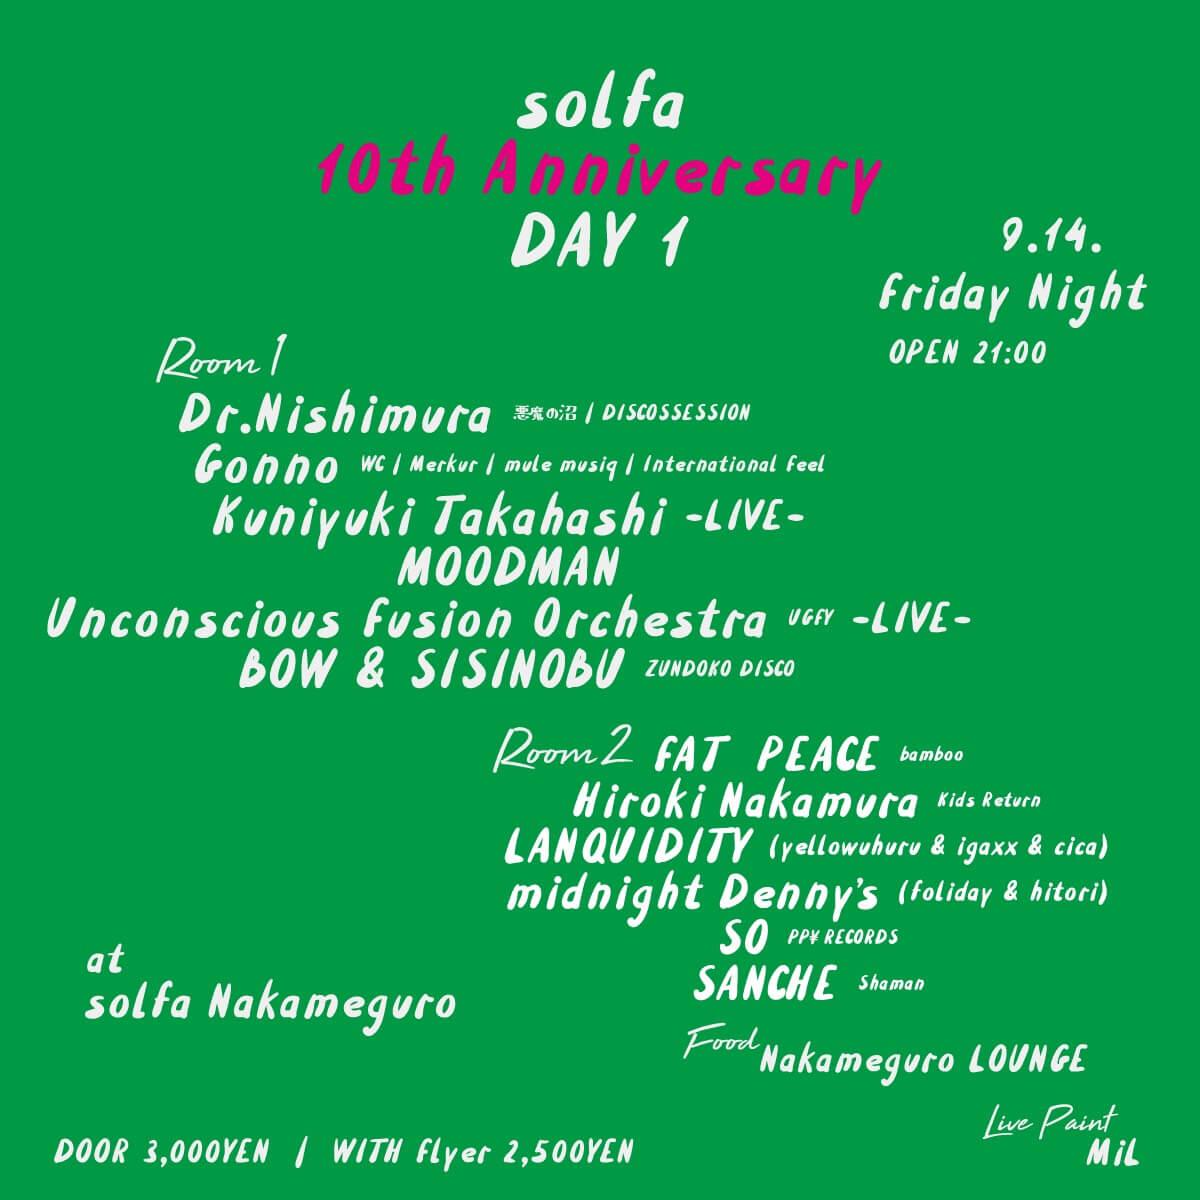 中目黒solfaの10周年アニバーサリーイベントが4日間に渡り開催|FNCYやGonno、OLIVE OIL、Chilly Sourceらが登場 music180906-solfa-10th-anniversary-9